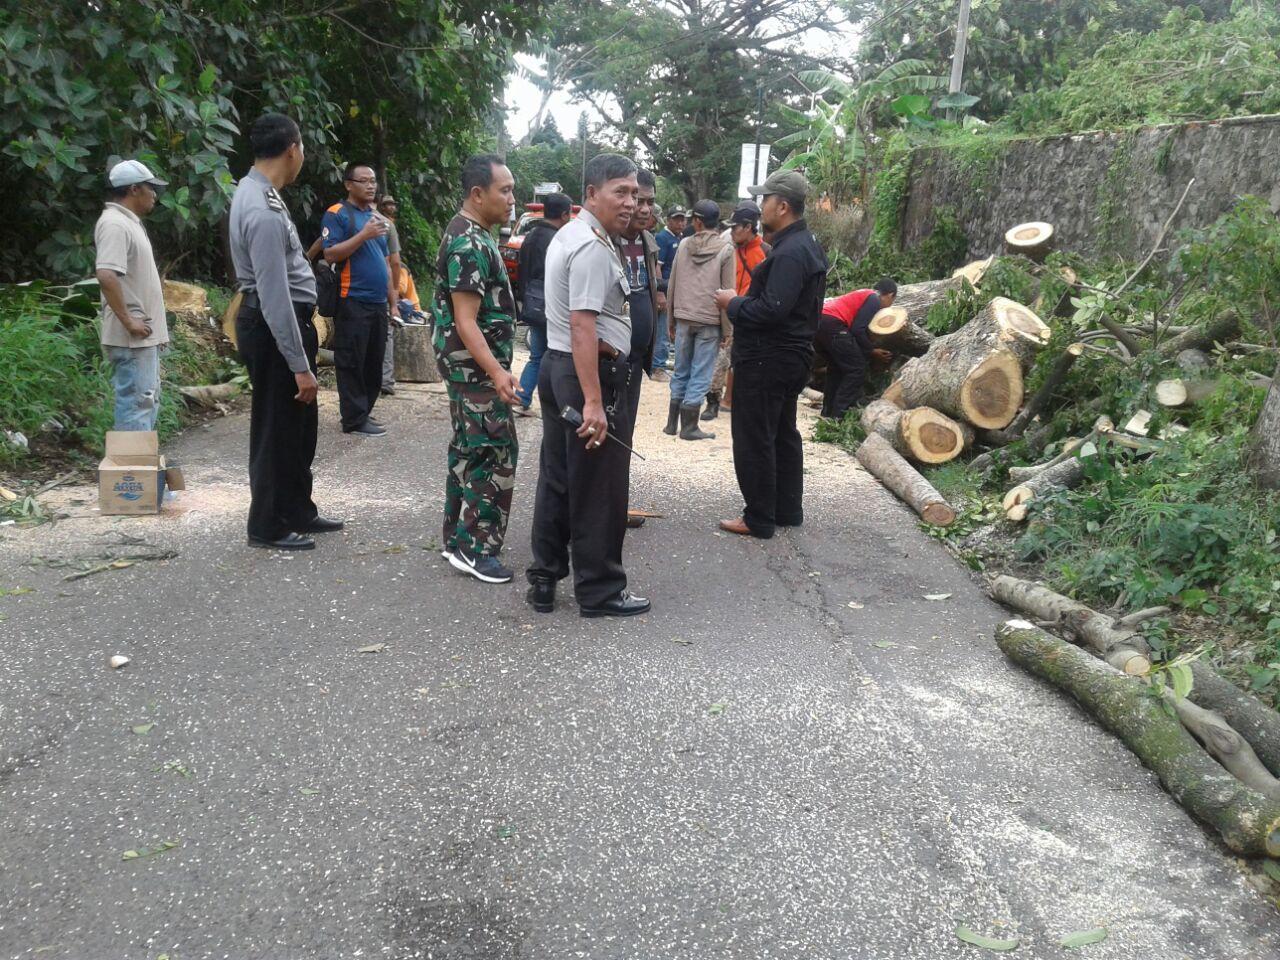 Kapolsek Junrejo Polres Batu Bersama 3 Pilar Juga Anggota Lakukan Pengamannan Pemotongan Pohon